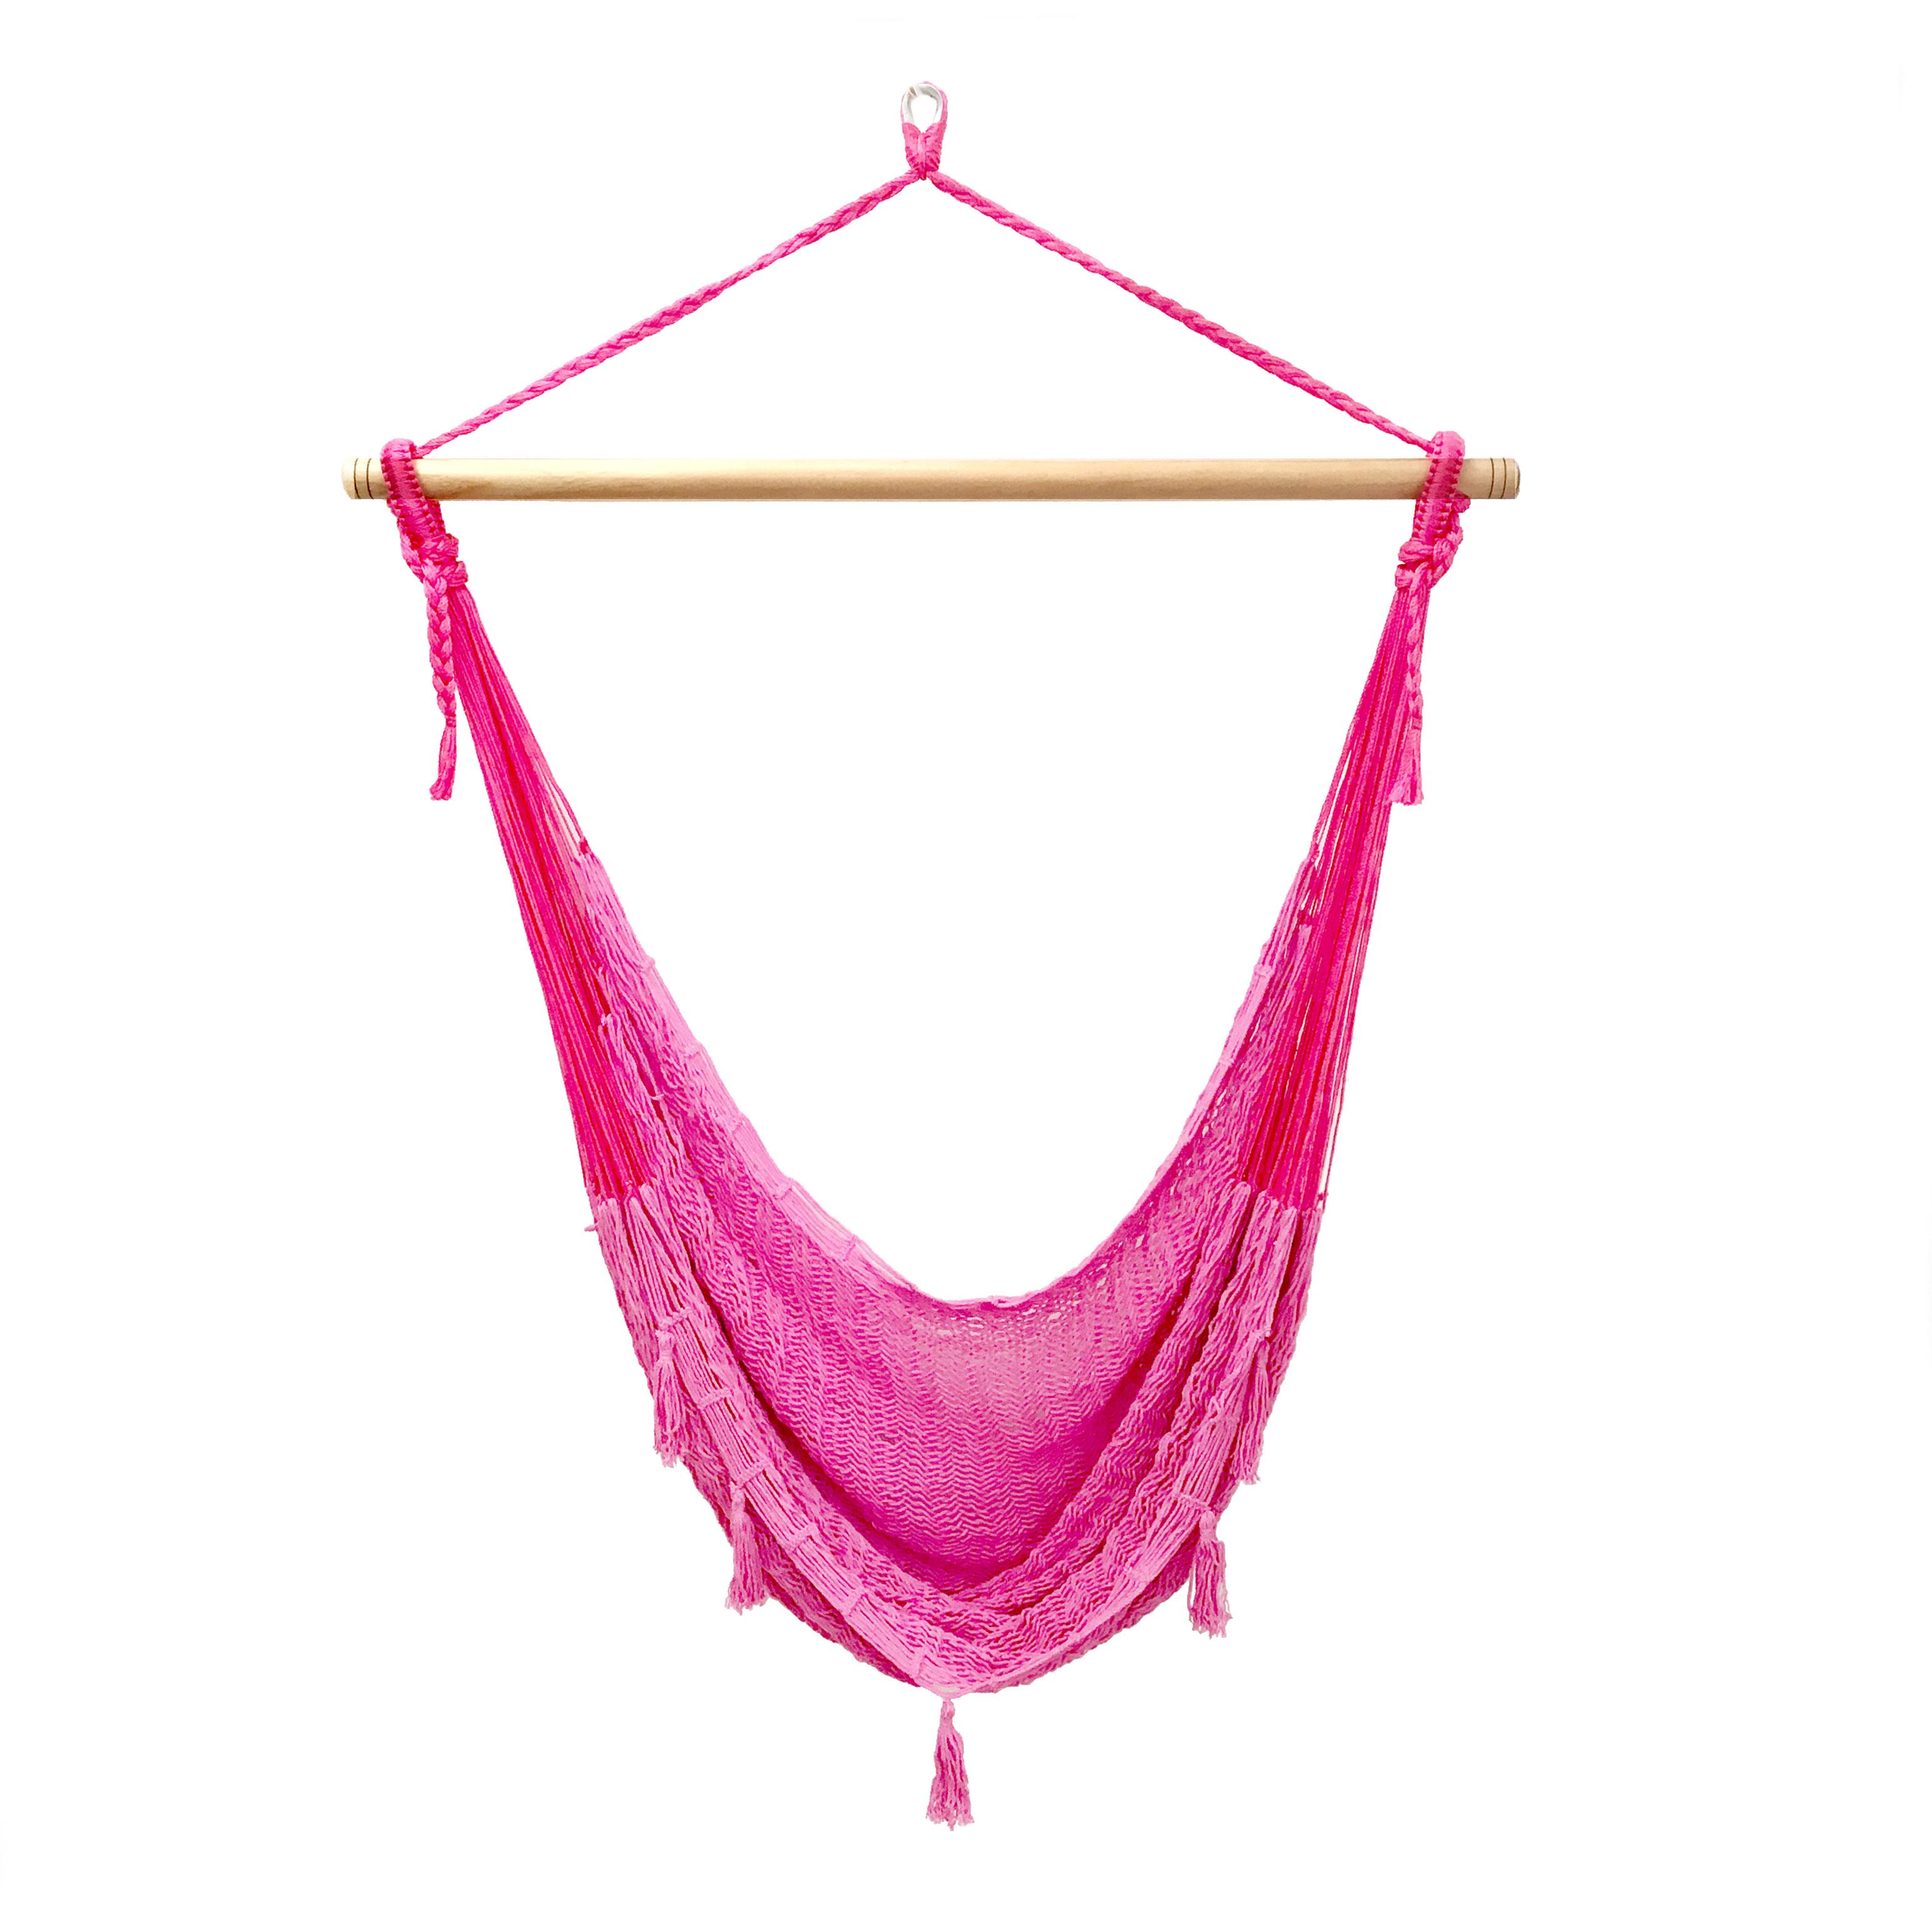 メキシカンチェアハンモック(ネットタイプ)  ラージ ピンク 縁飾りあり・セール中